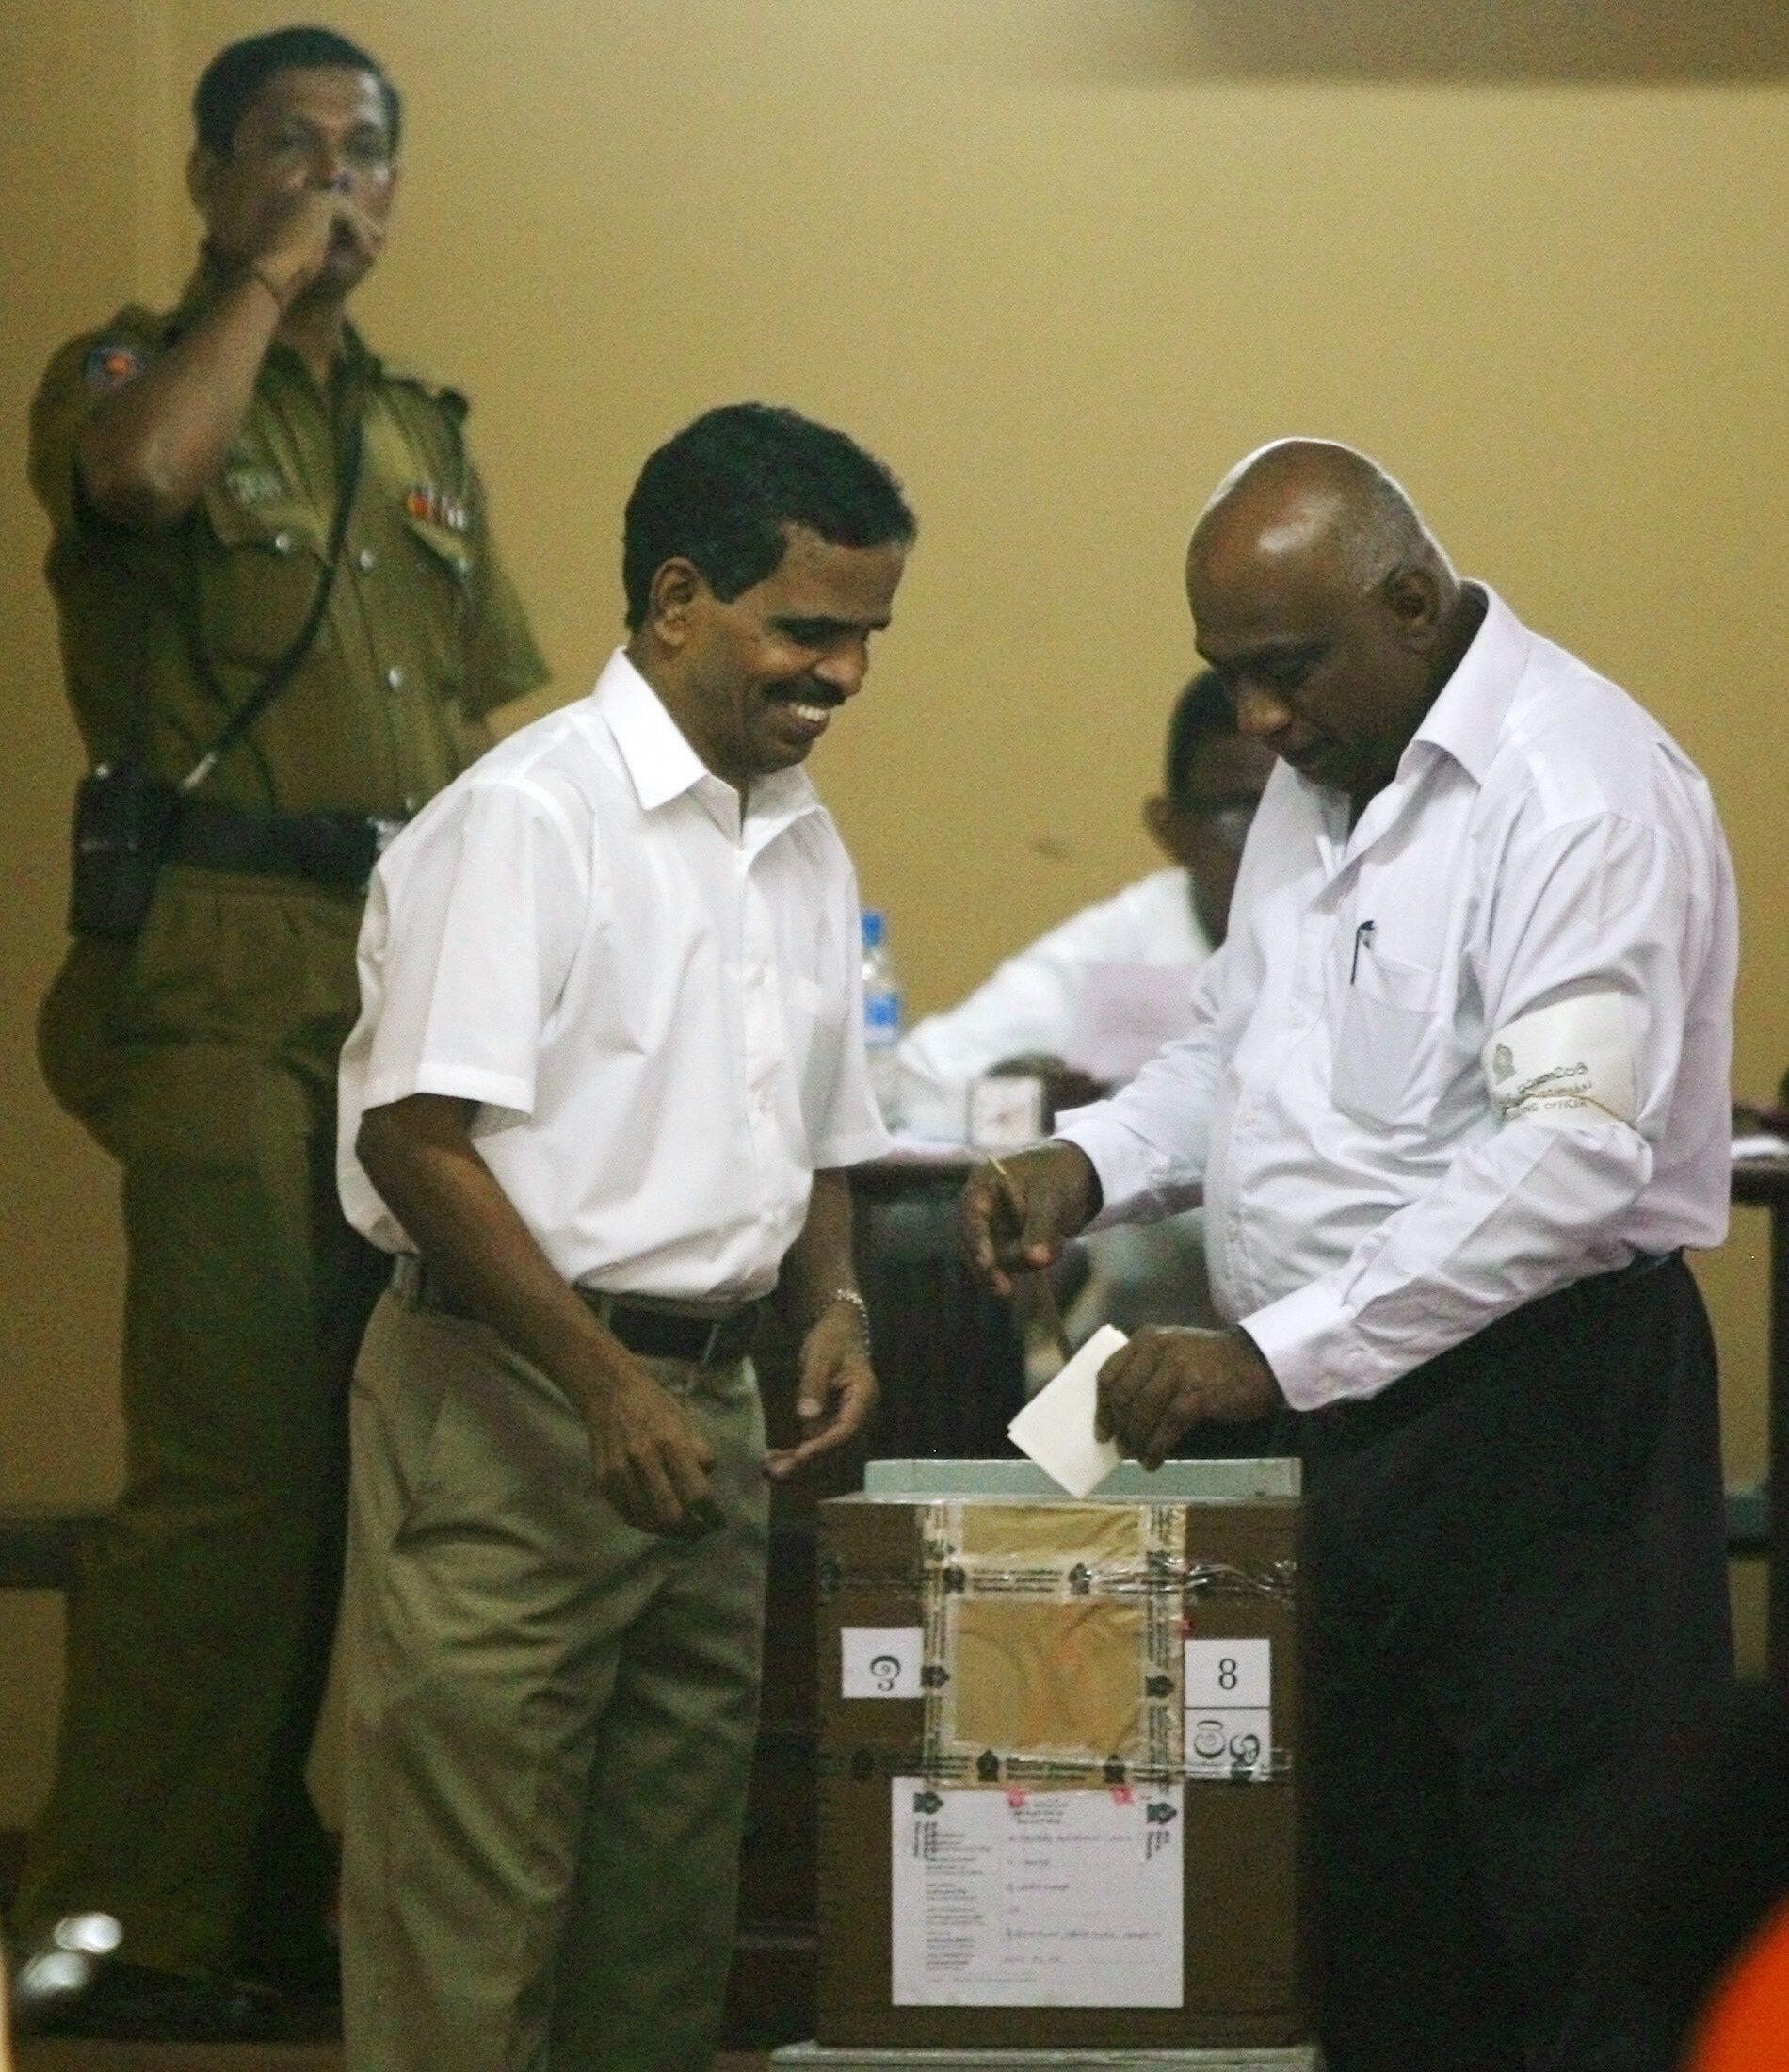 Un homme vote à Colombo au Sri Lanka, le 8 avril 2010.